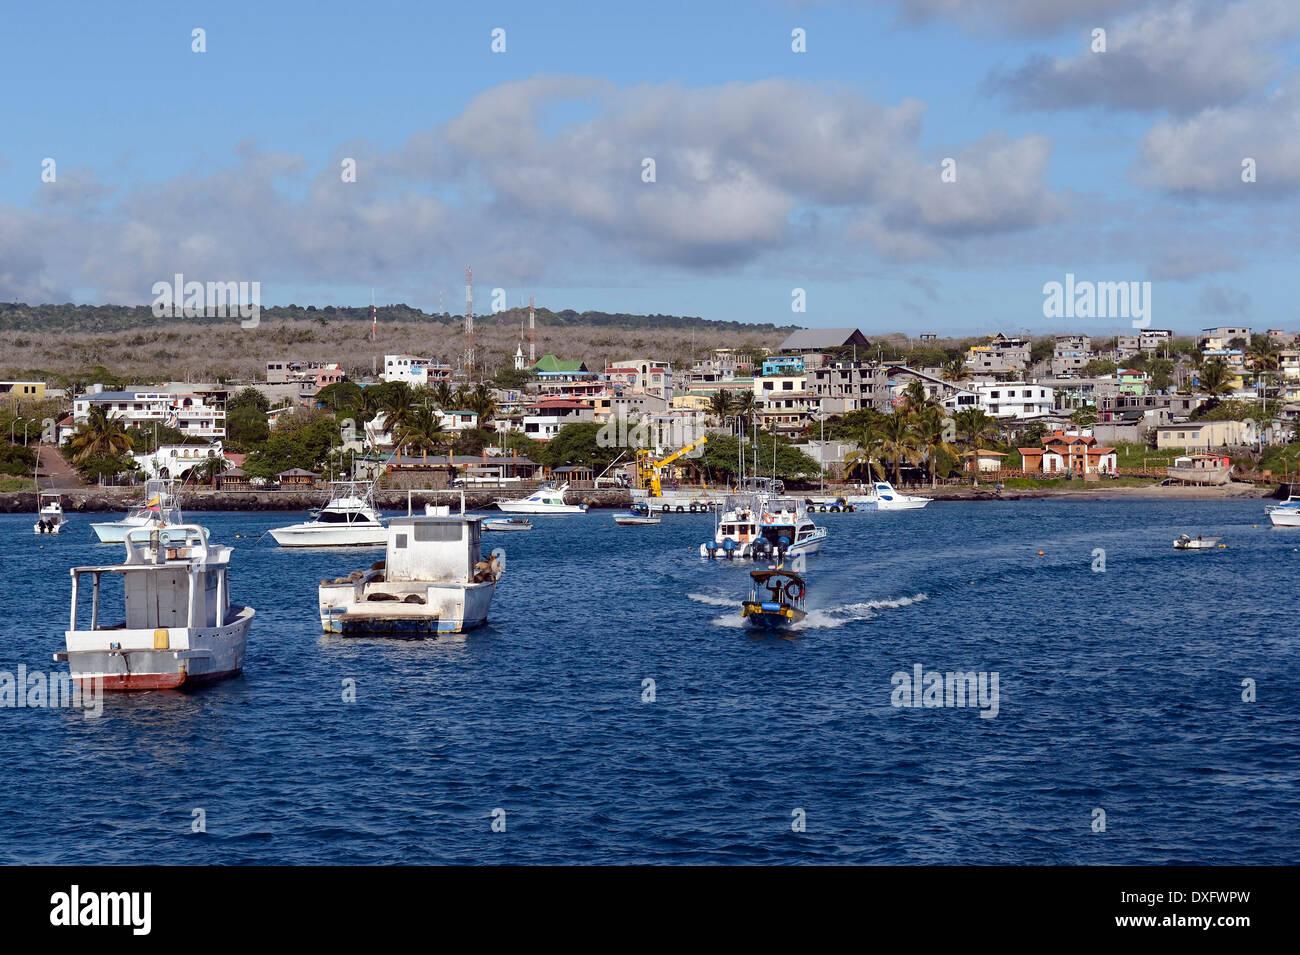 puerto baquerizo moreno chatrooms Book your tickets online for the top things to do in puerto baquerizo moreno,  ecuador on tripadvisor: see 3234 traveler reviews and photos of puerto  baquerizo.